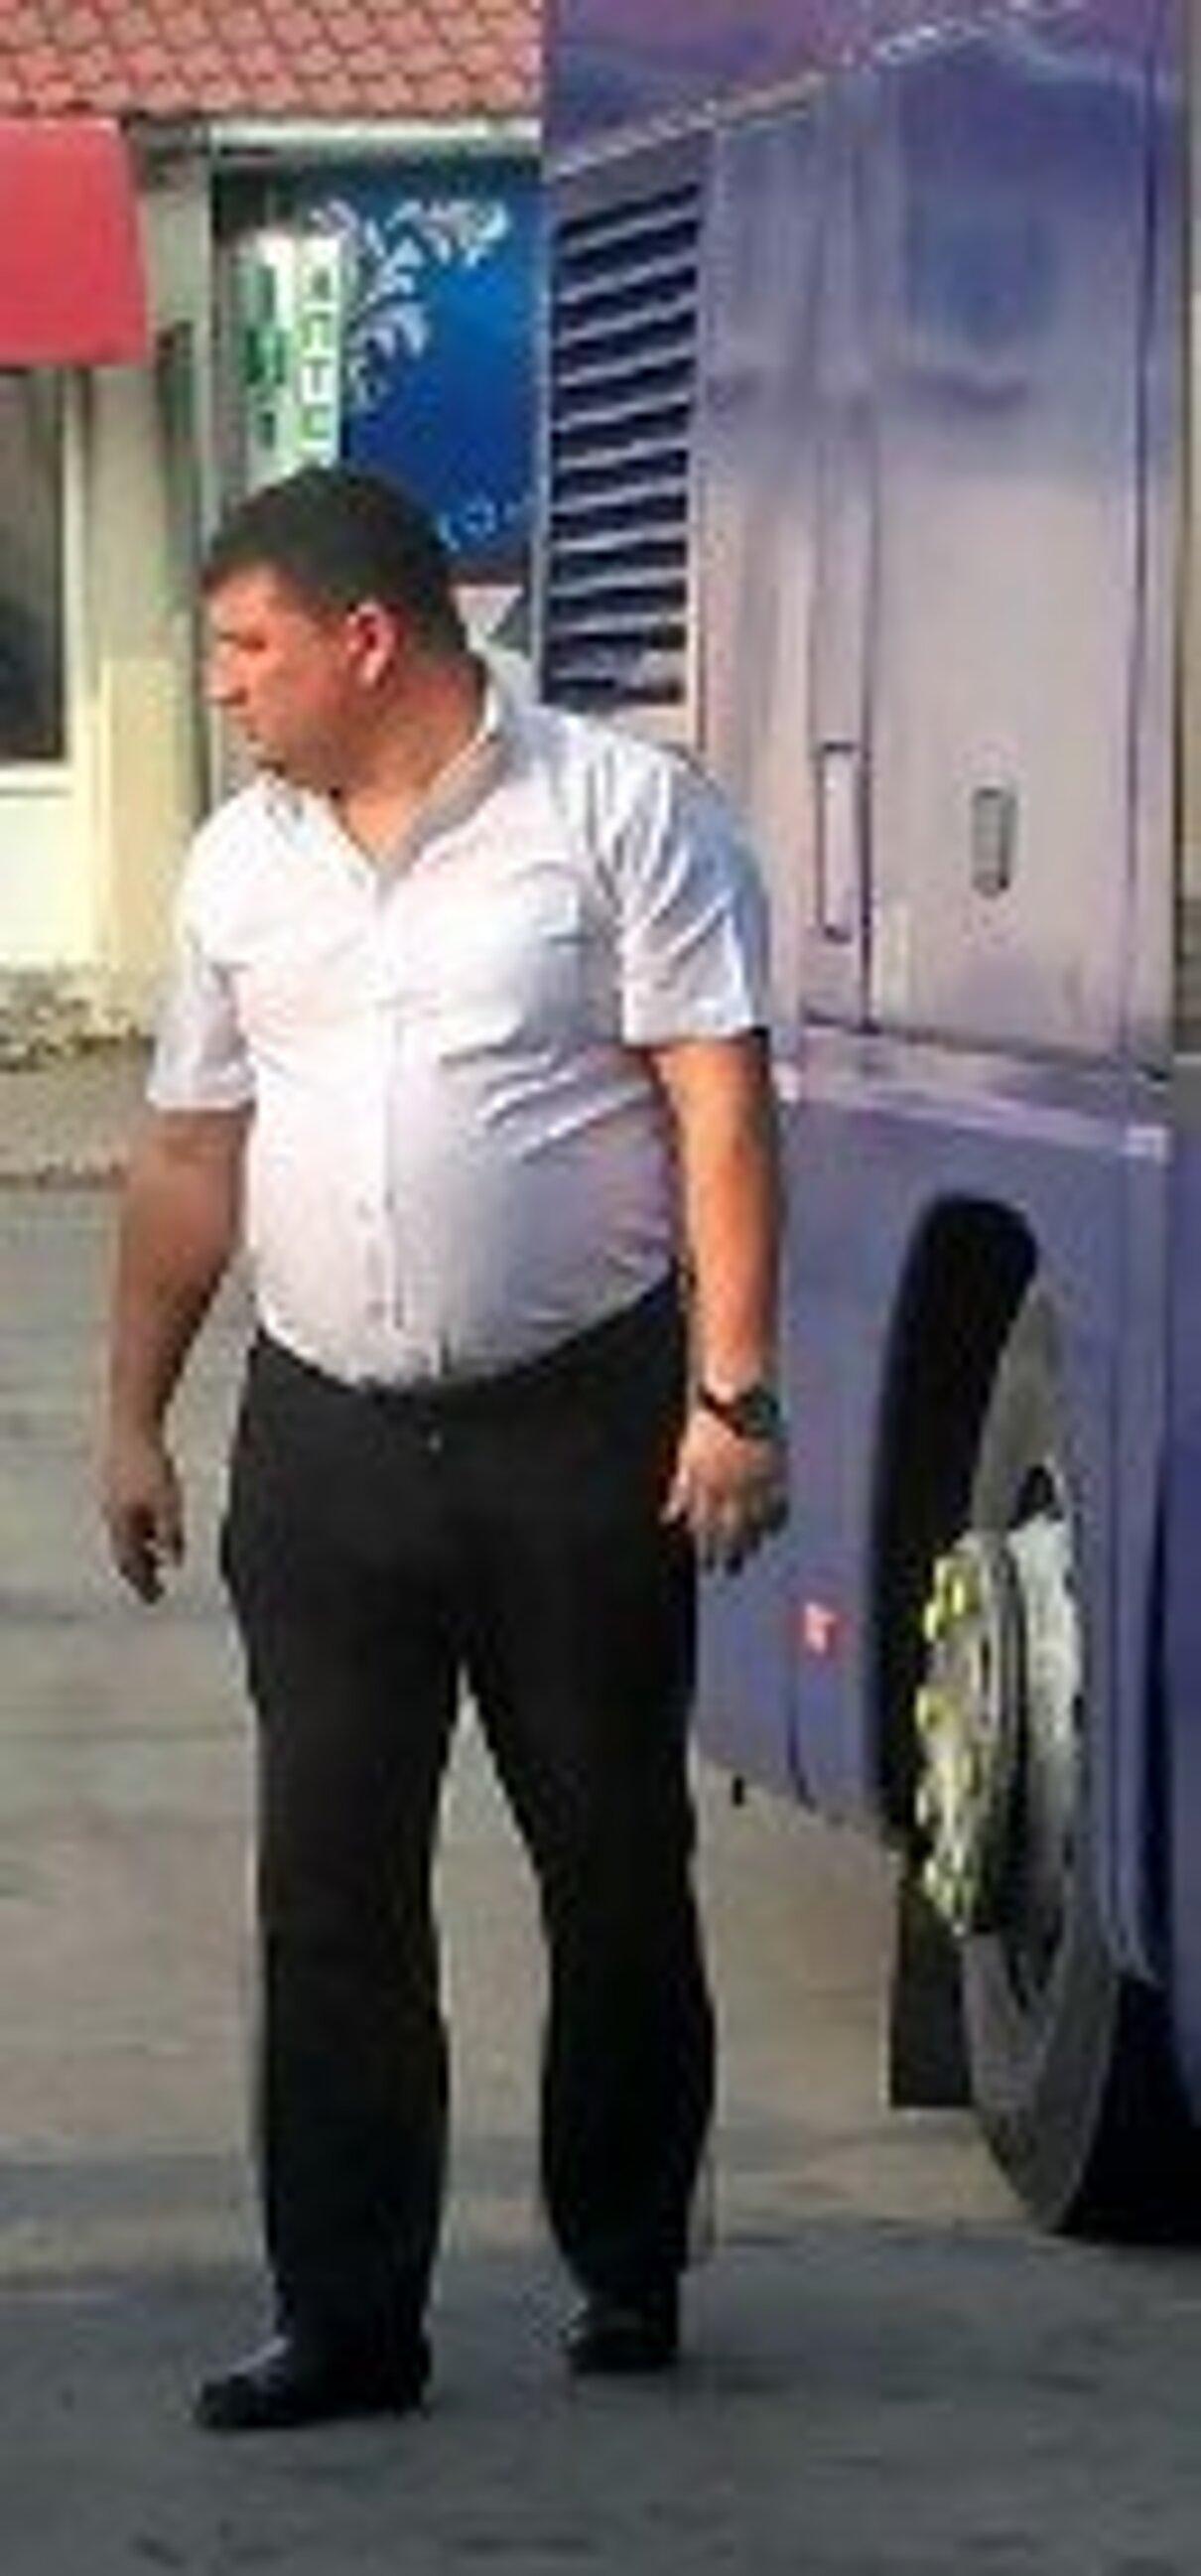 Жалоба-отзыв: Автолюкс - Автолюкс = отвратительный сервис, рейс № 900032509.  Фото №1